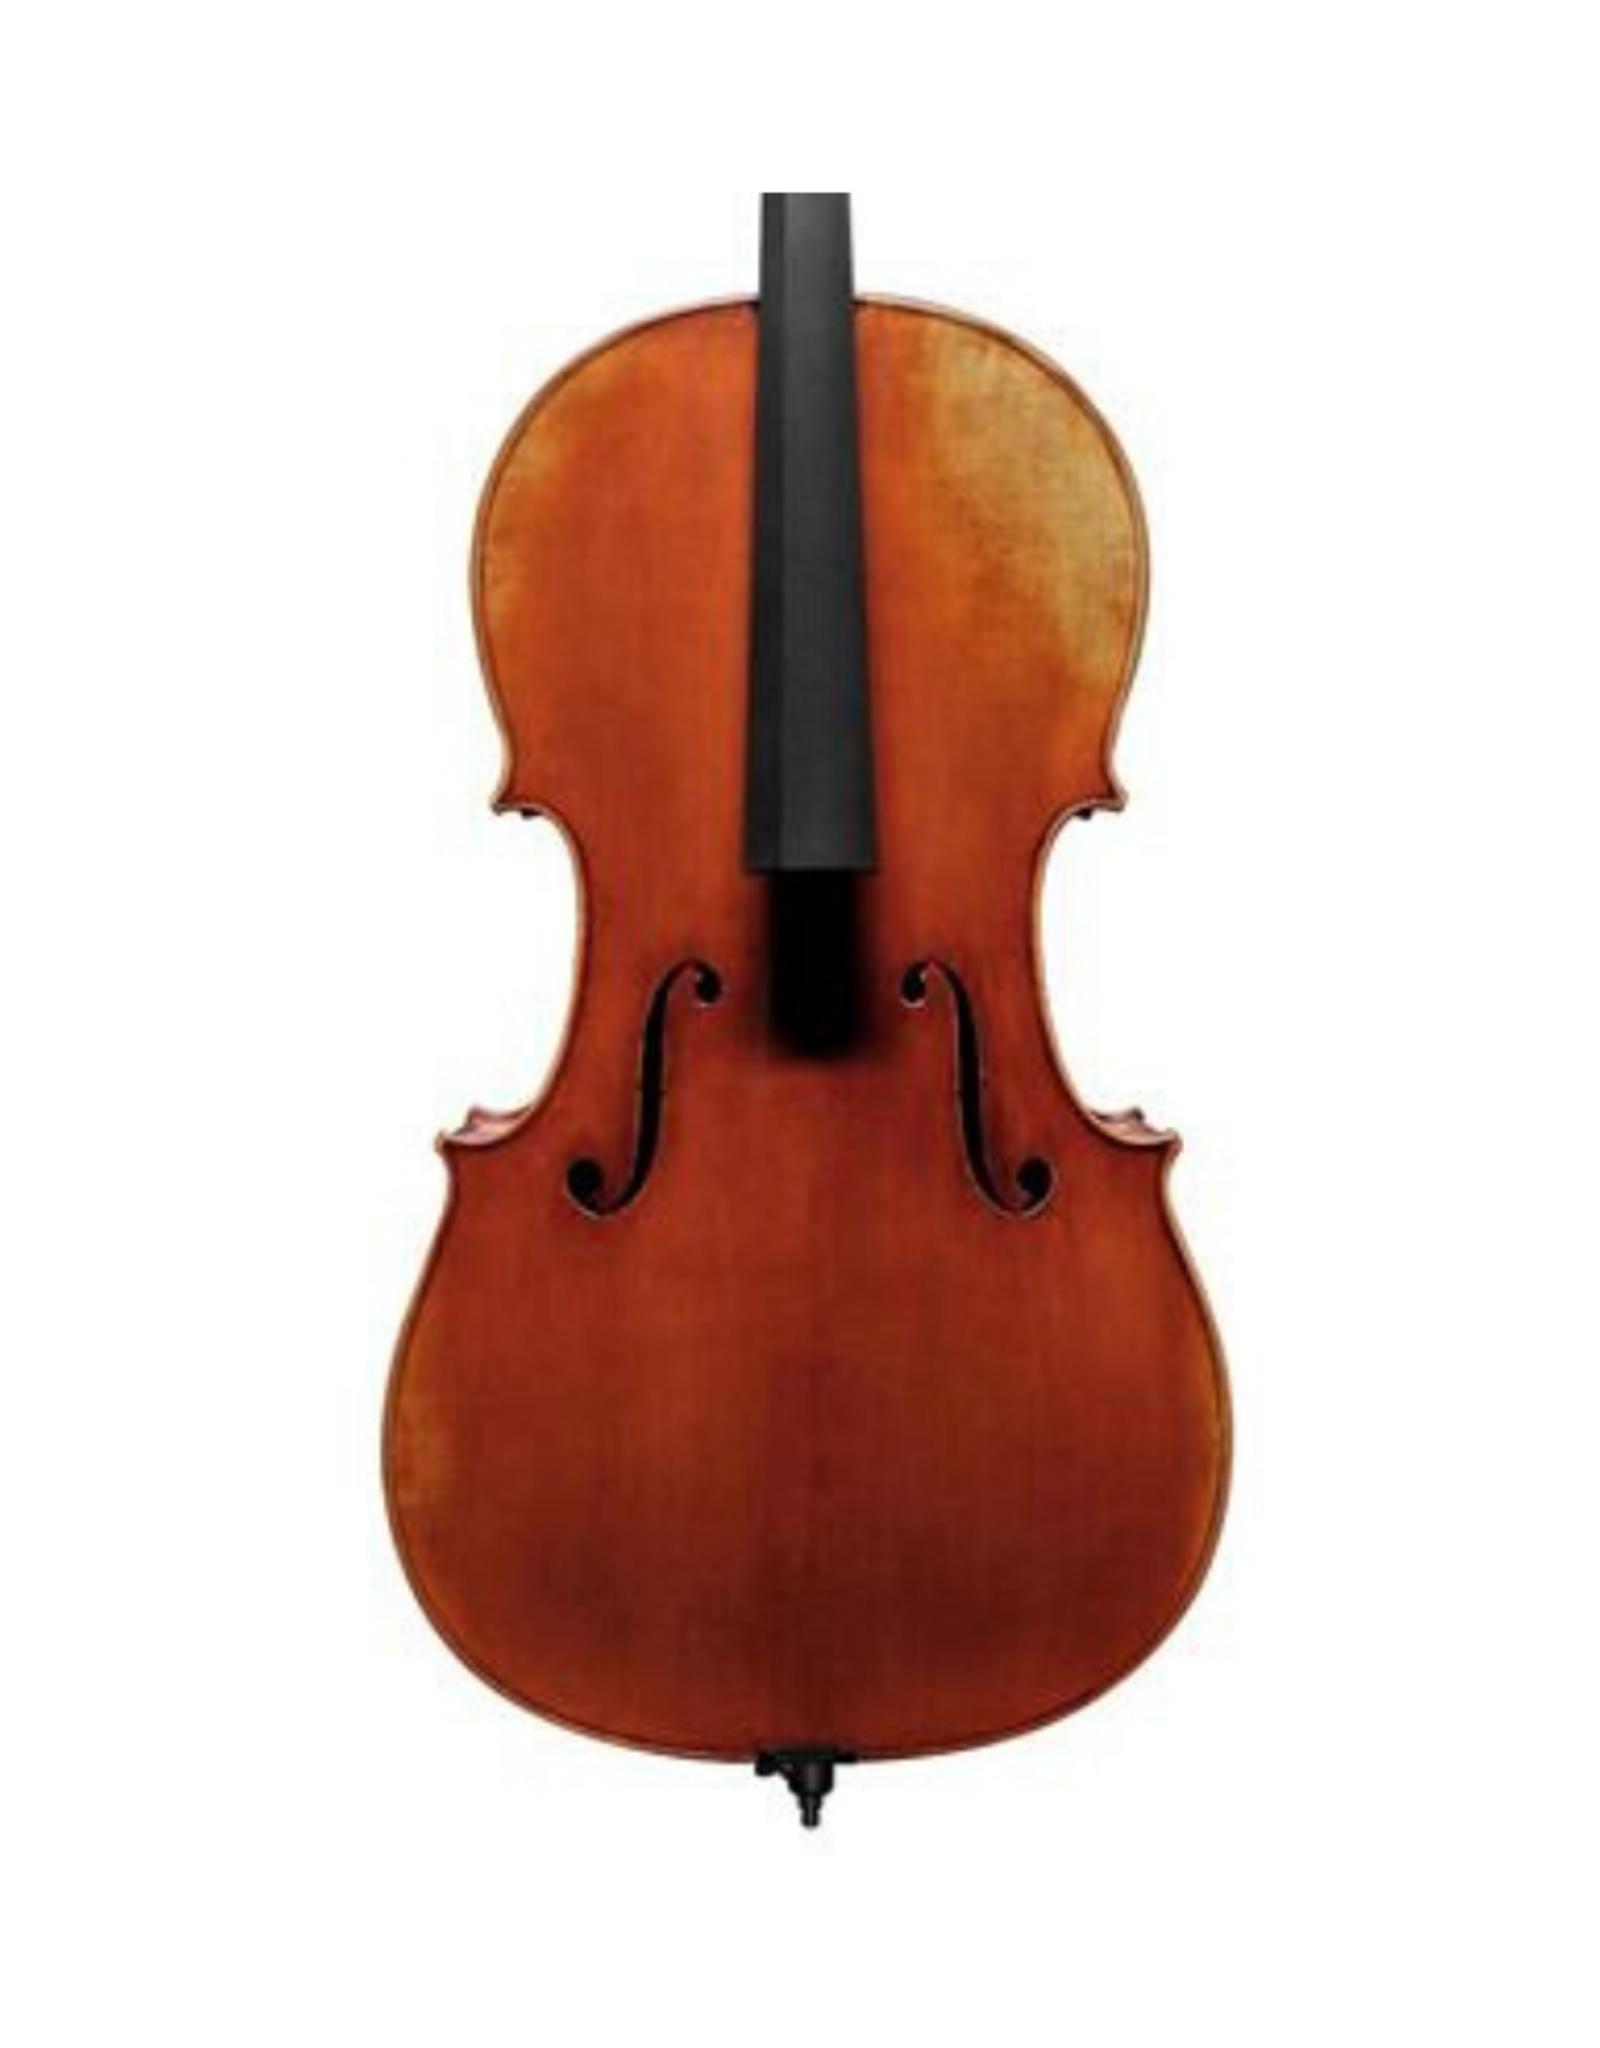 ADVANCED Scott Cao,  cello 4/4, stradivarius model, in geselecteerde vuren en esdoorn